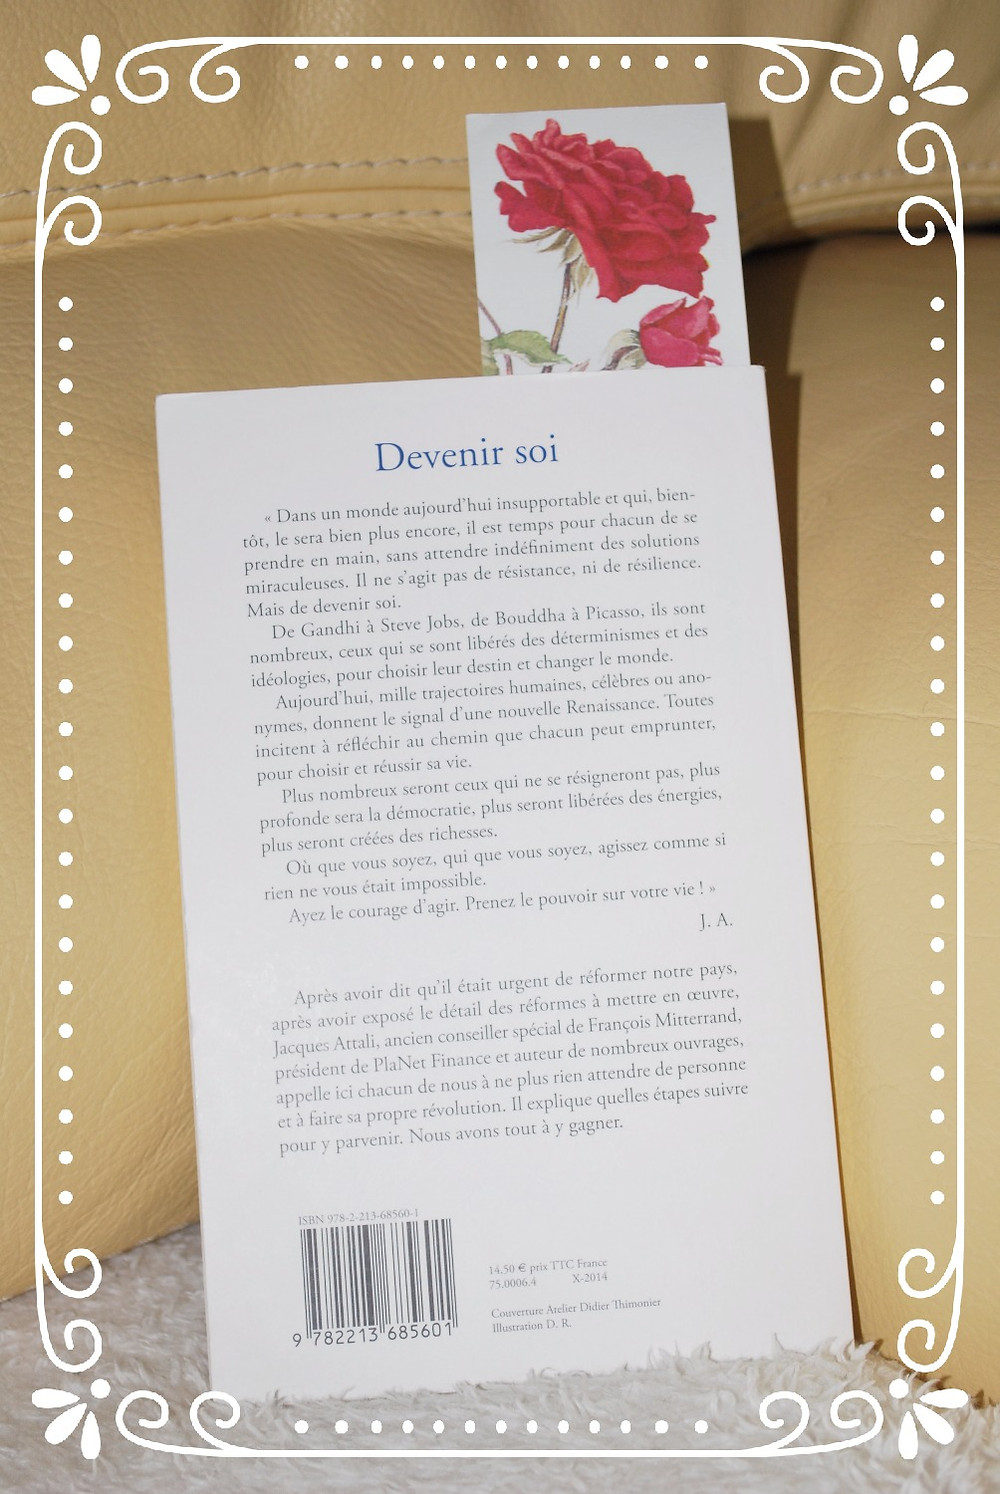 """4ème de couverture du livre """"Devenir soi"""" par Jacques Attali"""